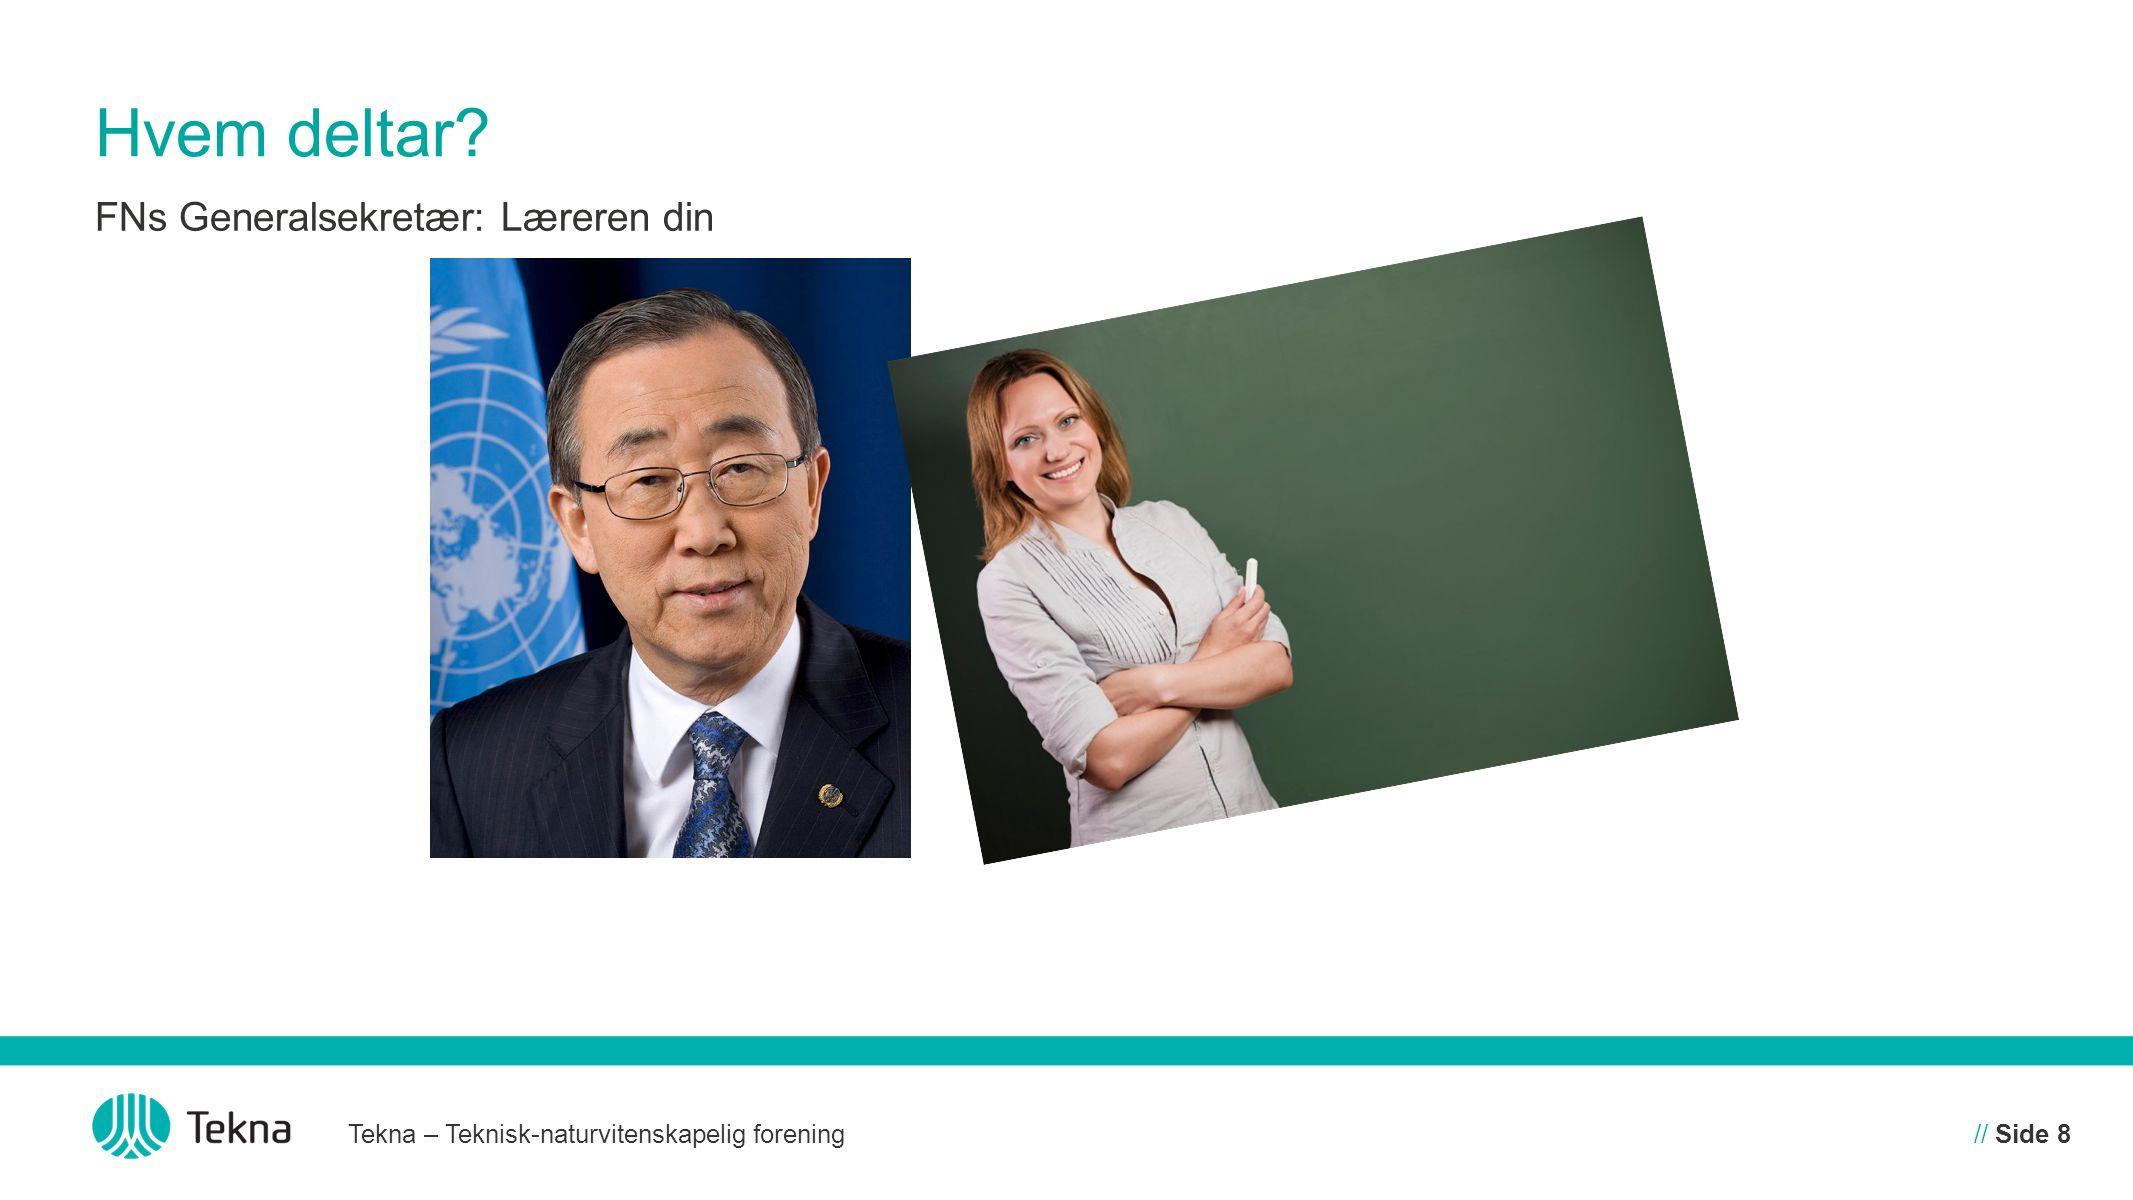 Hvem deltar FNs Generalsekretær: Læreren din